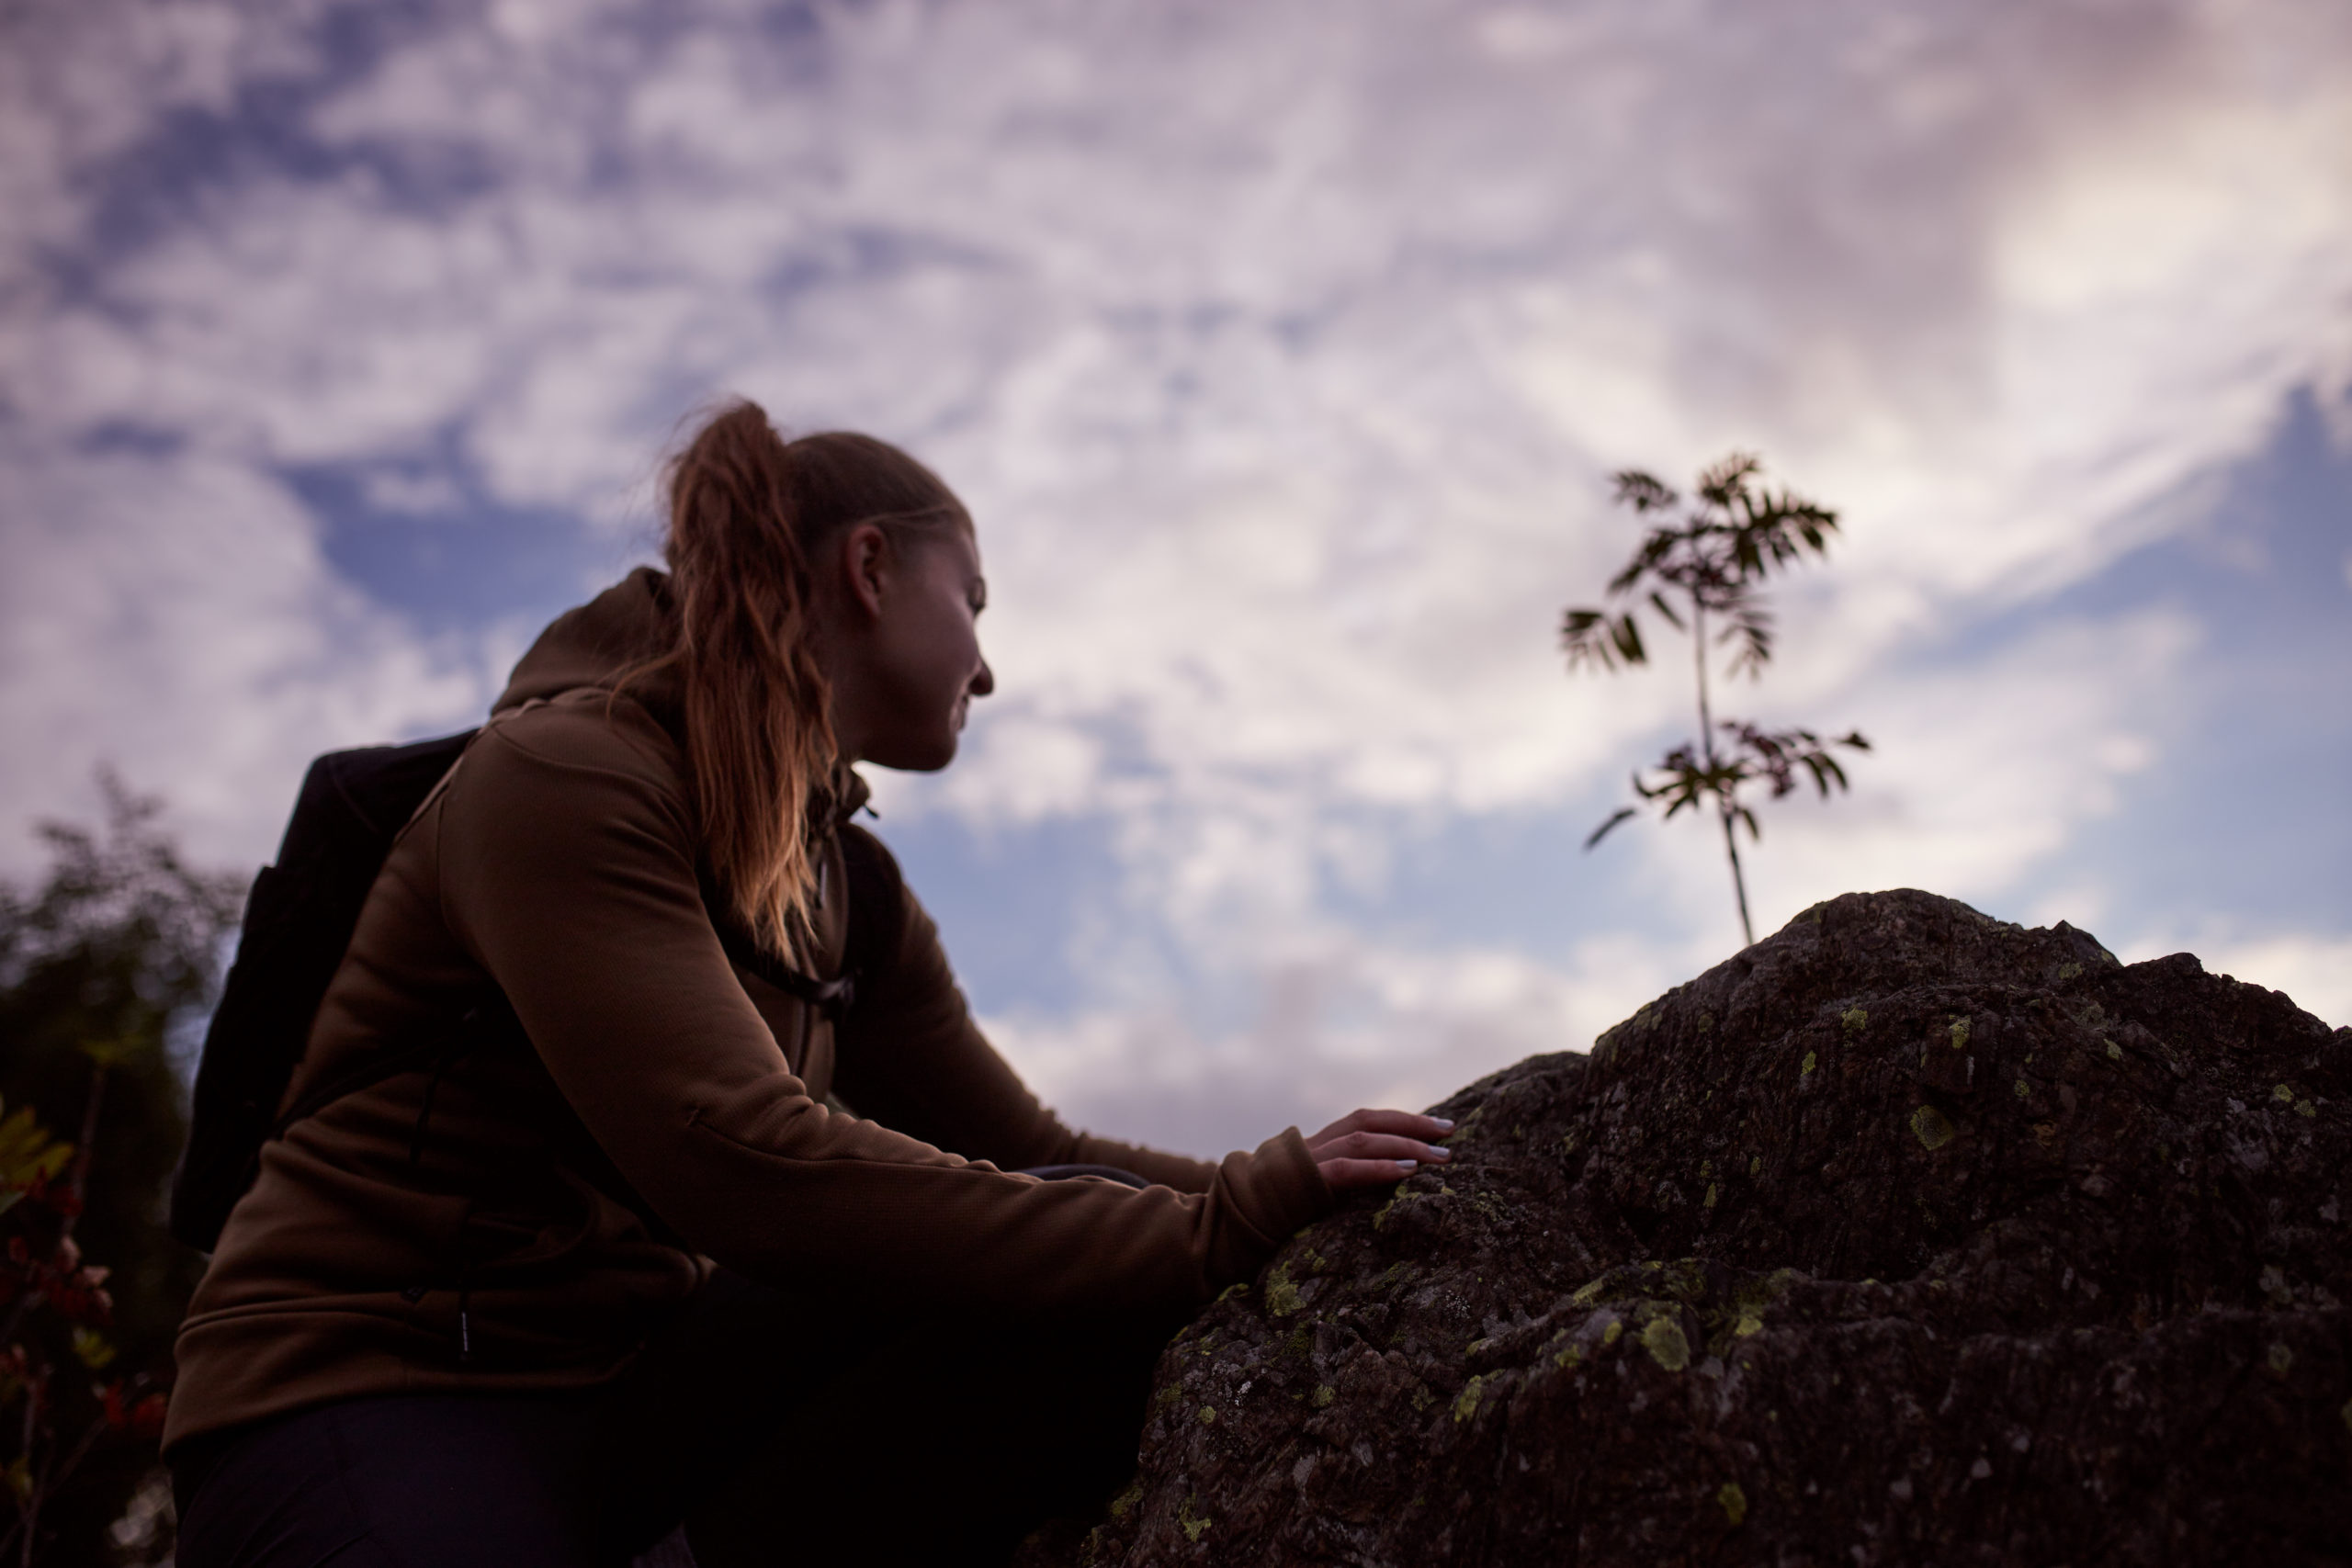 she wanders - Projekt-Harzenssache